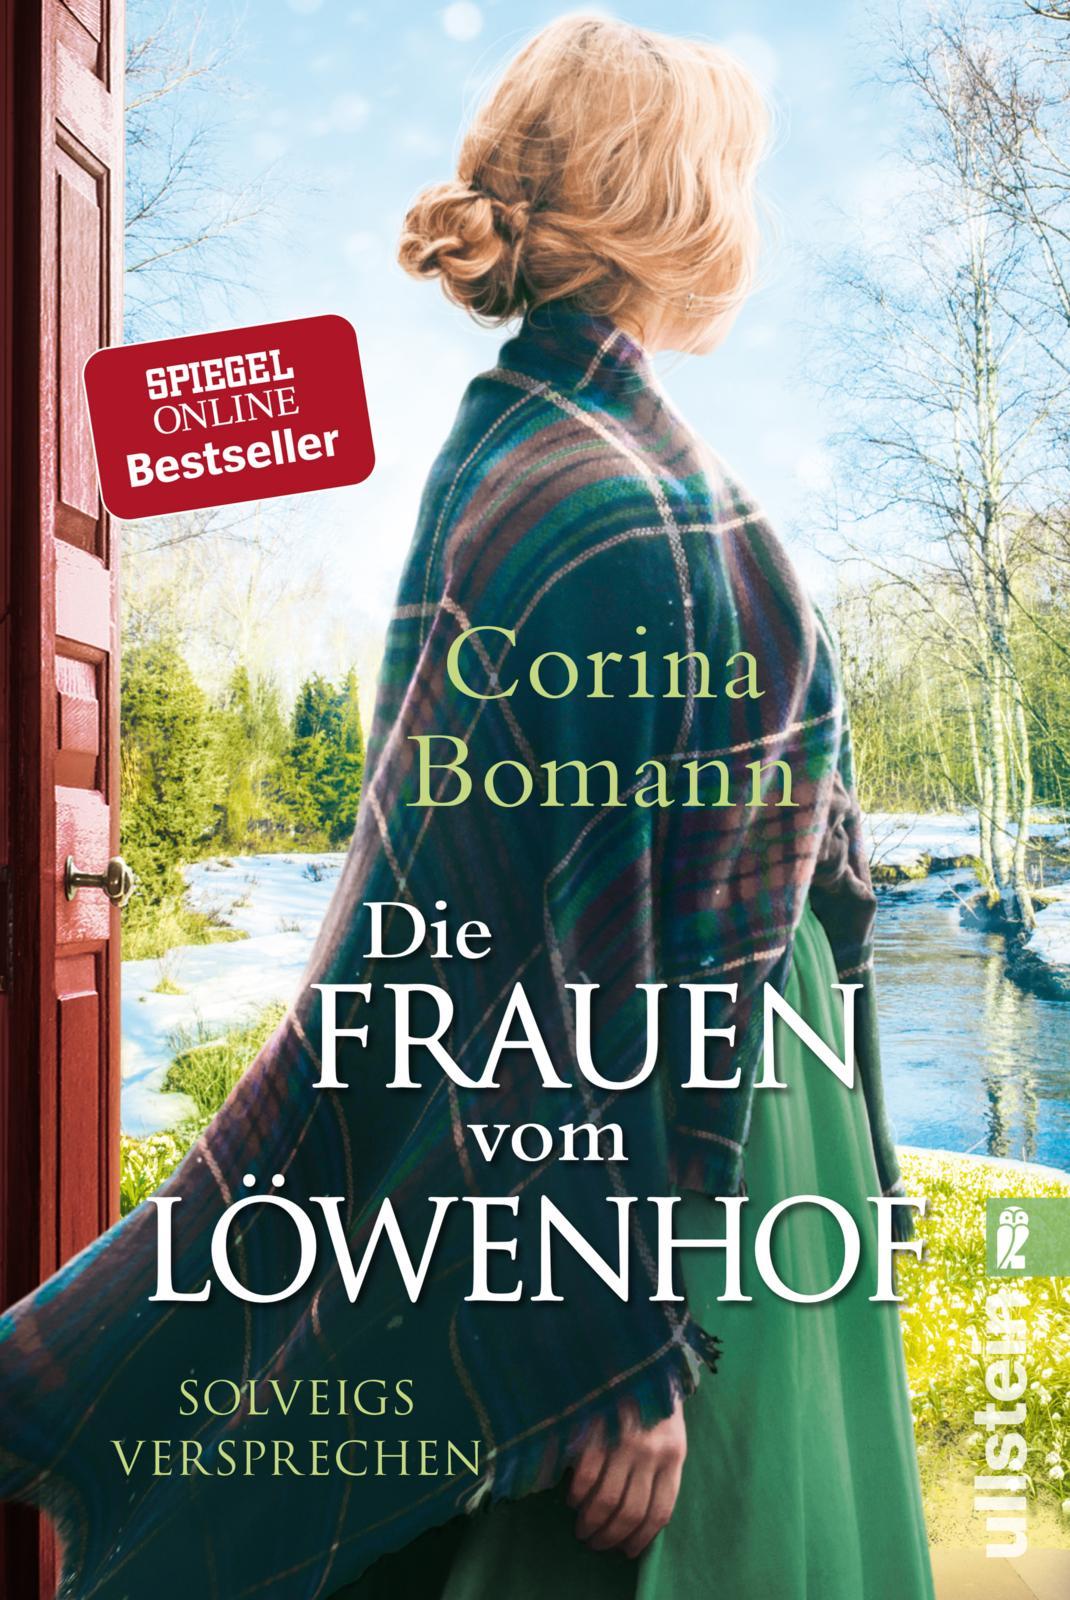 """Corina Bomanns """"Löwenhof"""" schnellt an die Spitze"""